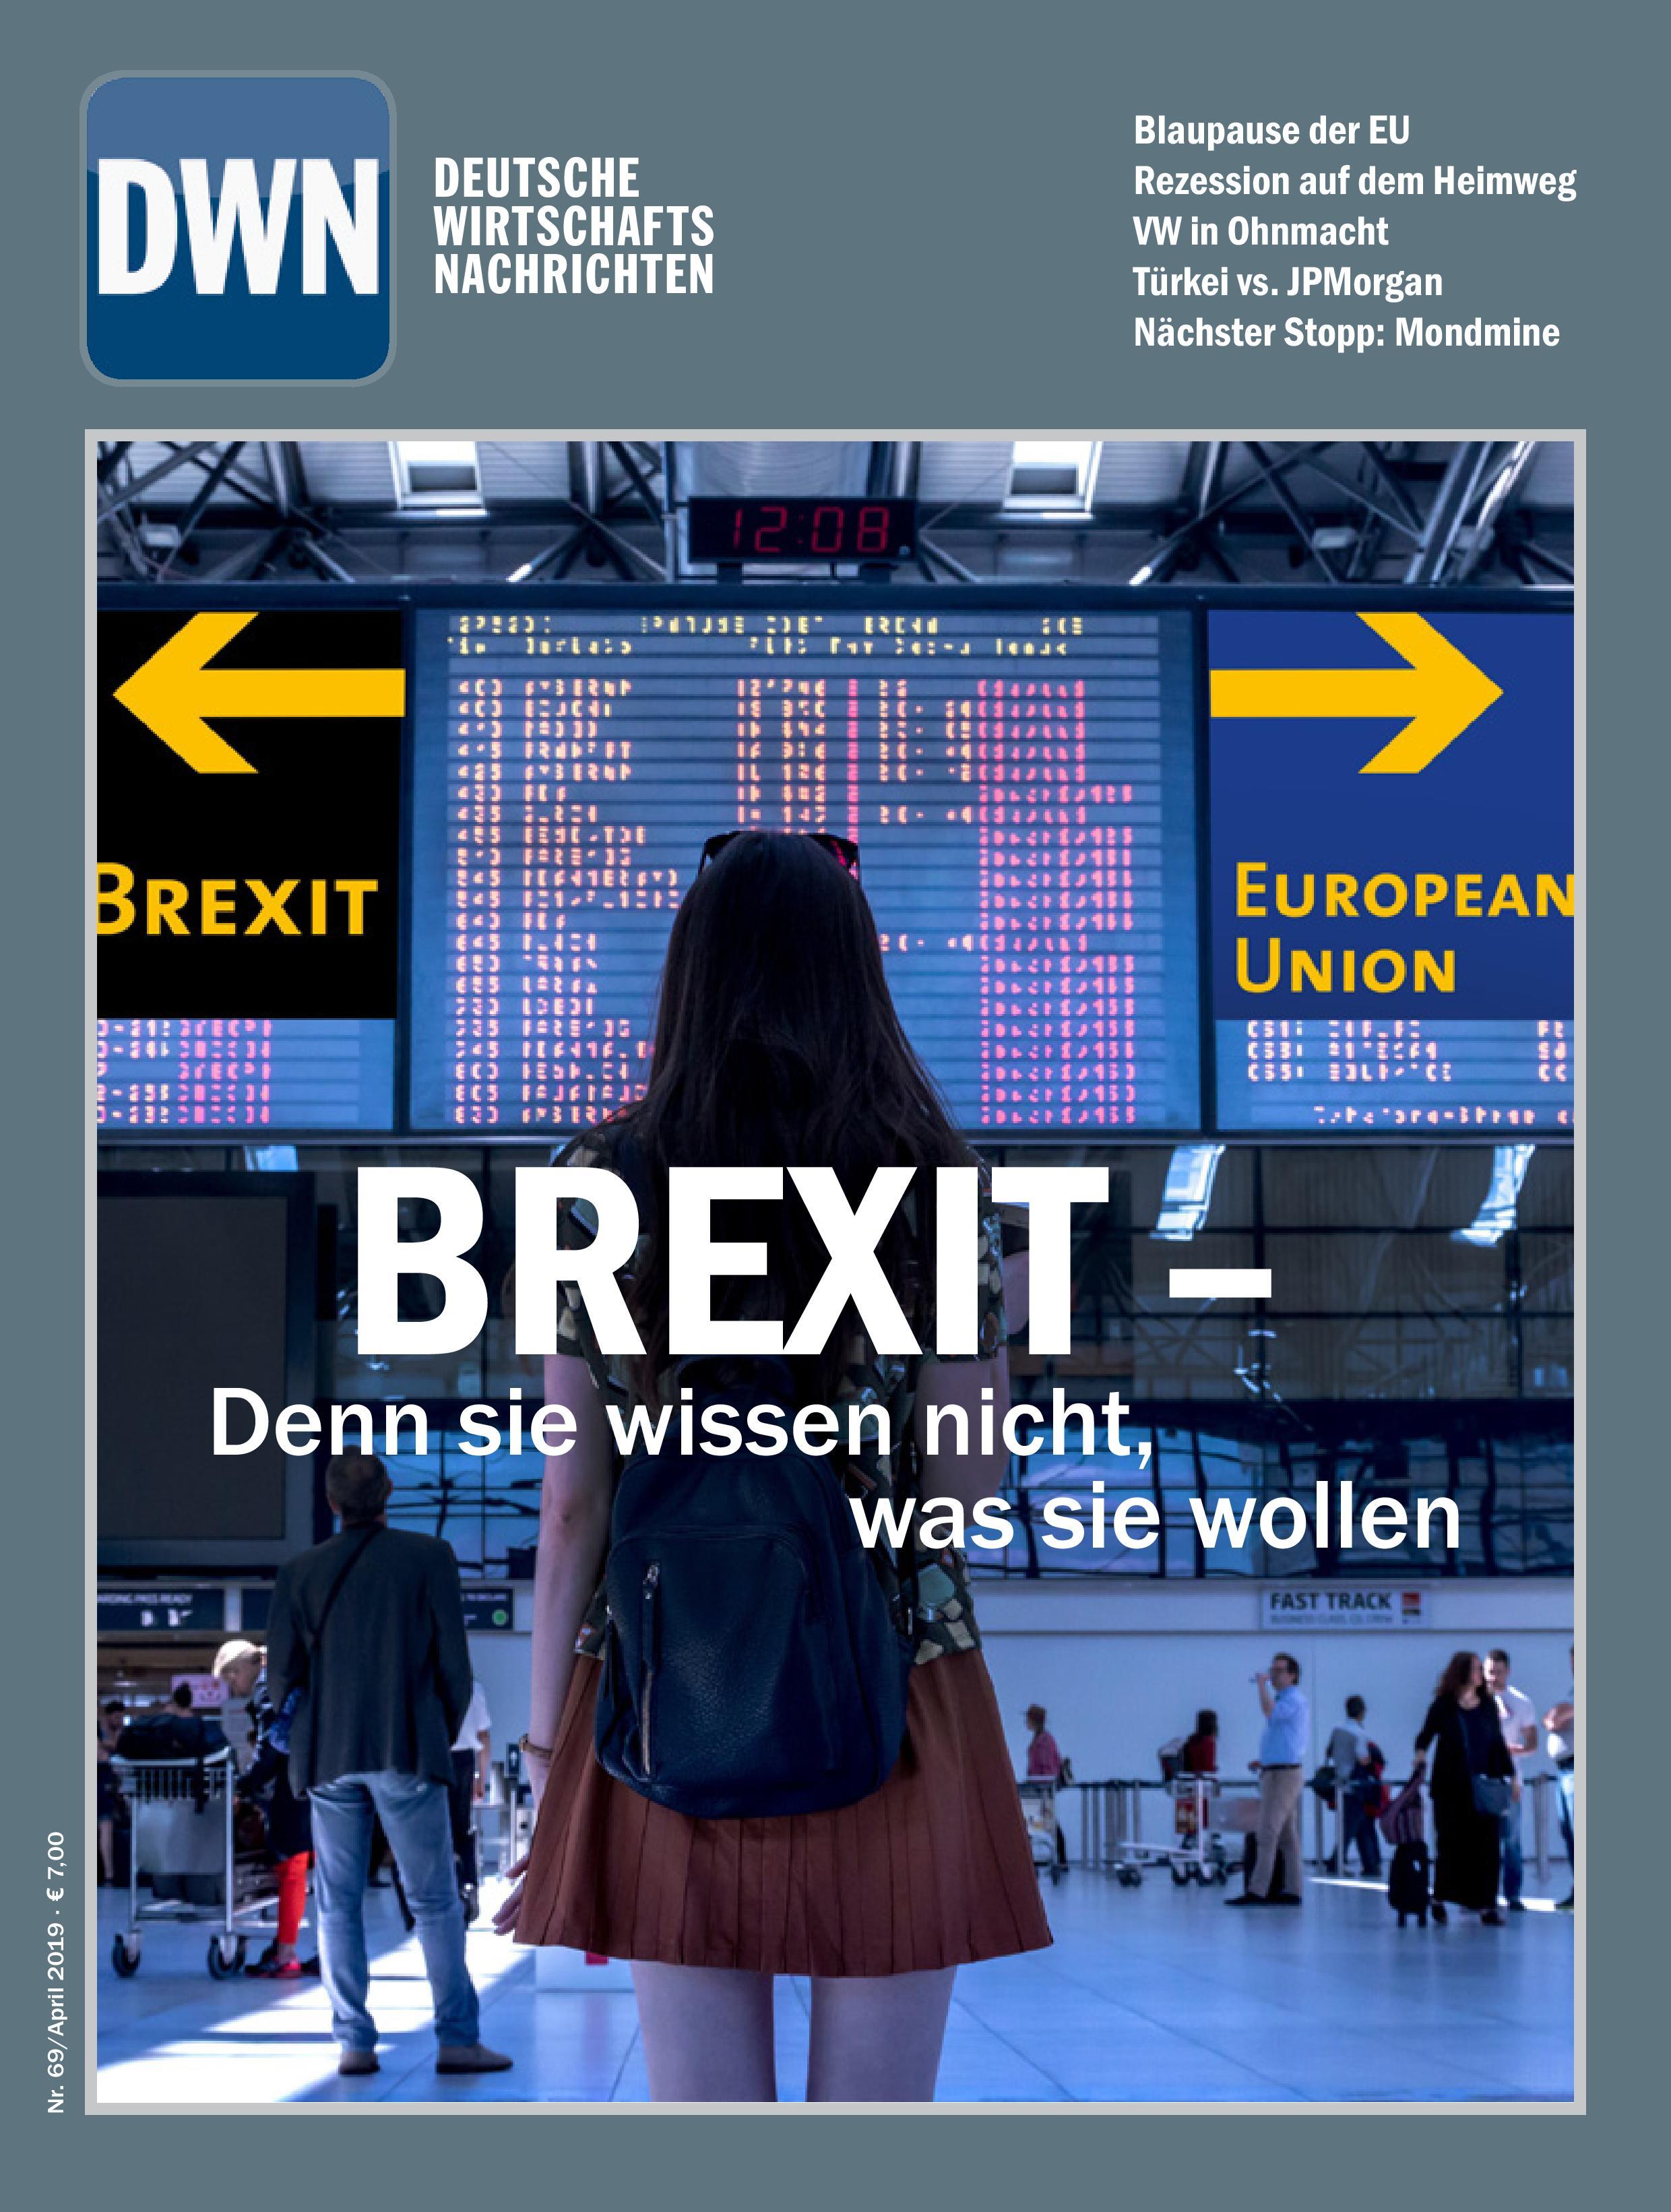 Deutsche Wirtschaftsnachrichten Wer Steckt Hinter